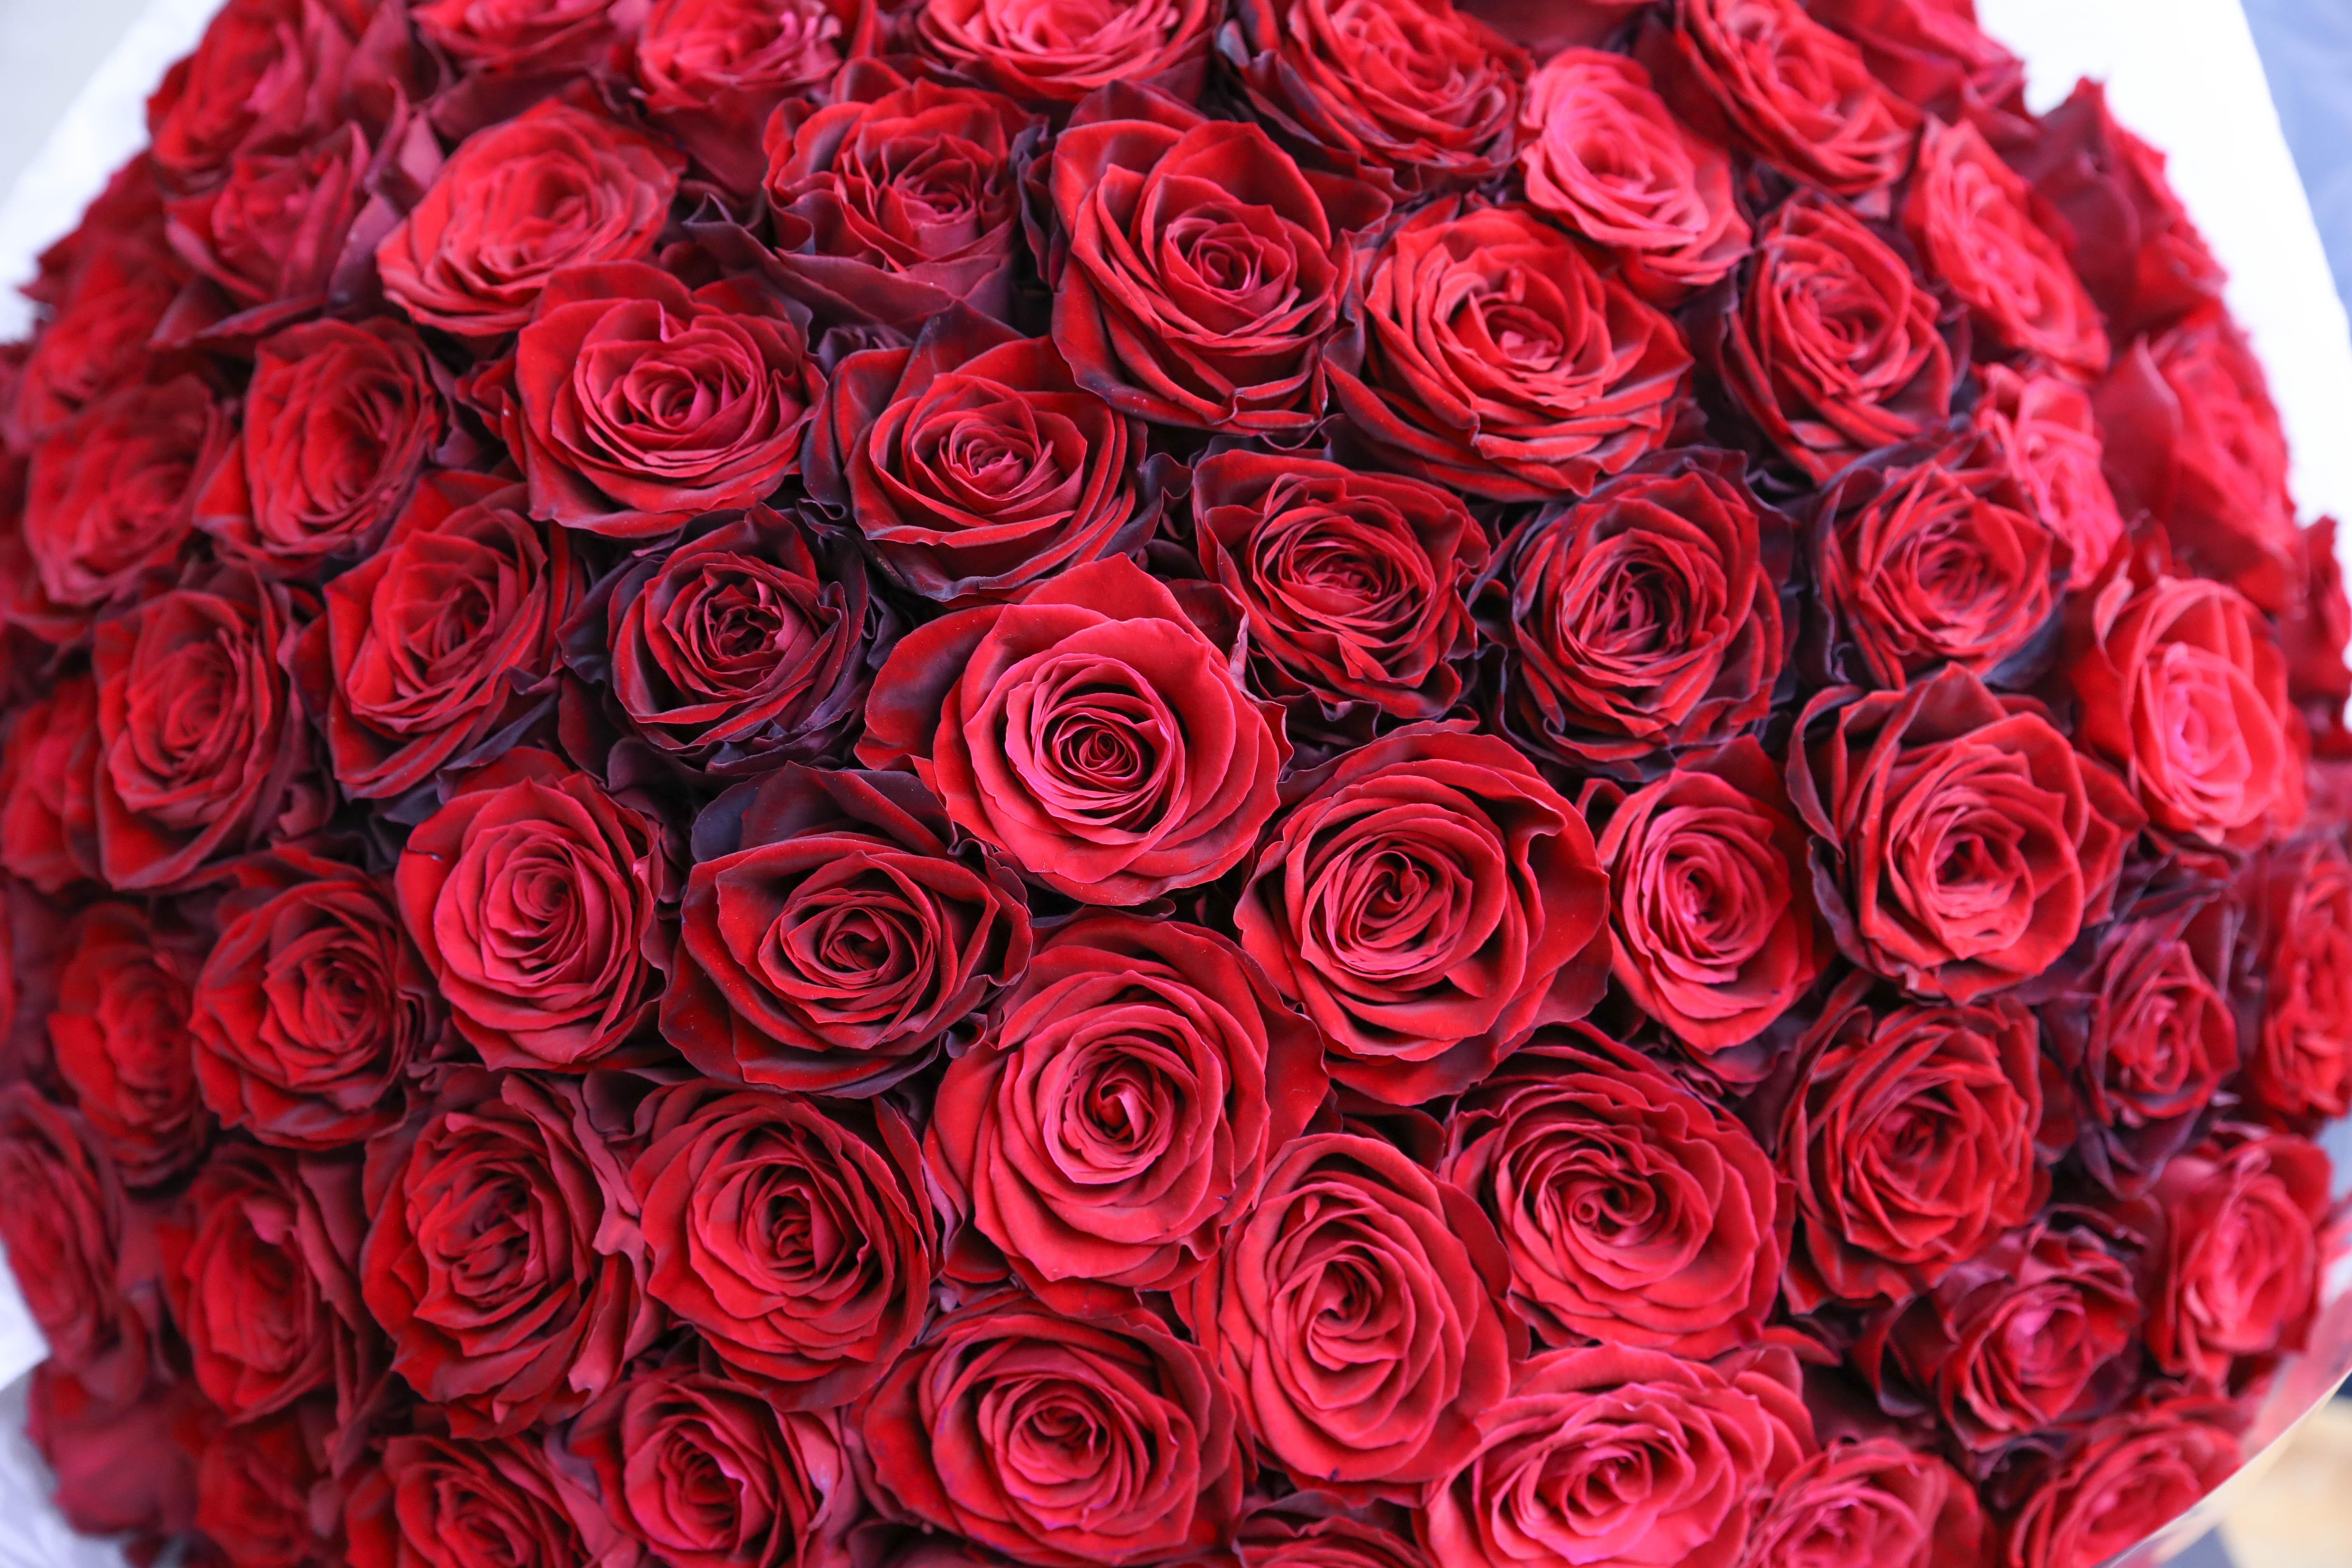 【動画】卒業に贈るバラ100本の花束・制作動画 2020/03/16撮影